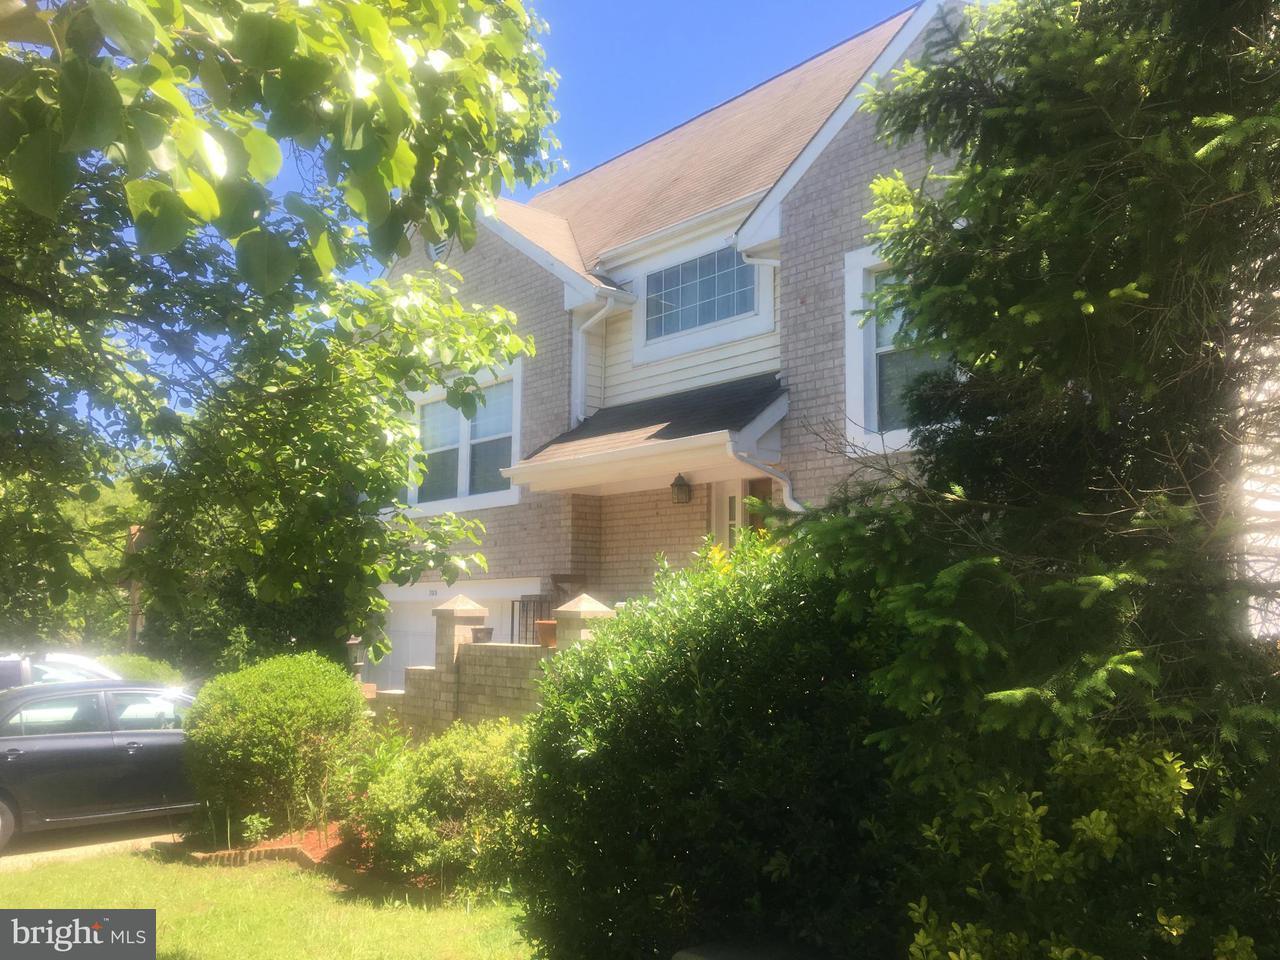 Μονοκατοικία για την Πώληση στο 7015 Megan Lane 7015 Megan Lane Greenbelt, Μεριλαντ 20770 Ηνωμενεσ Πολιτειεσ